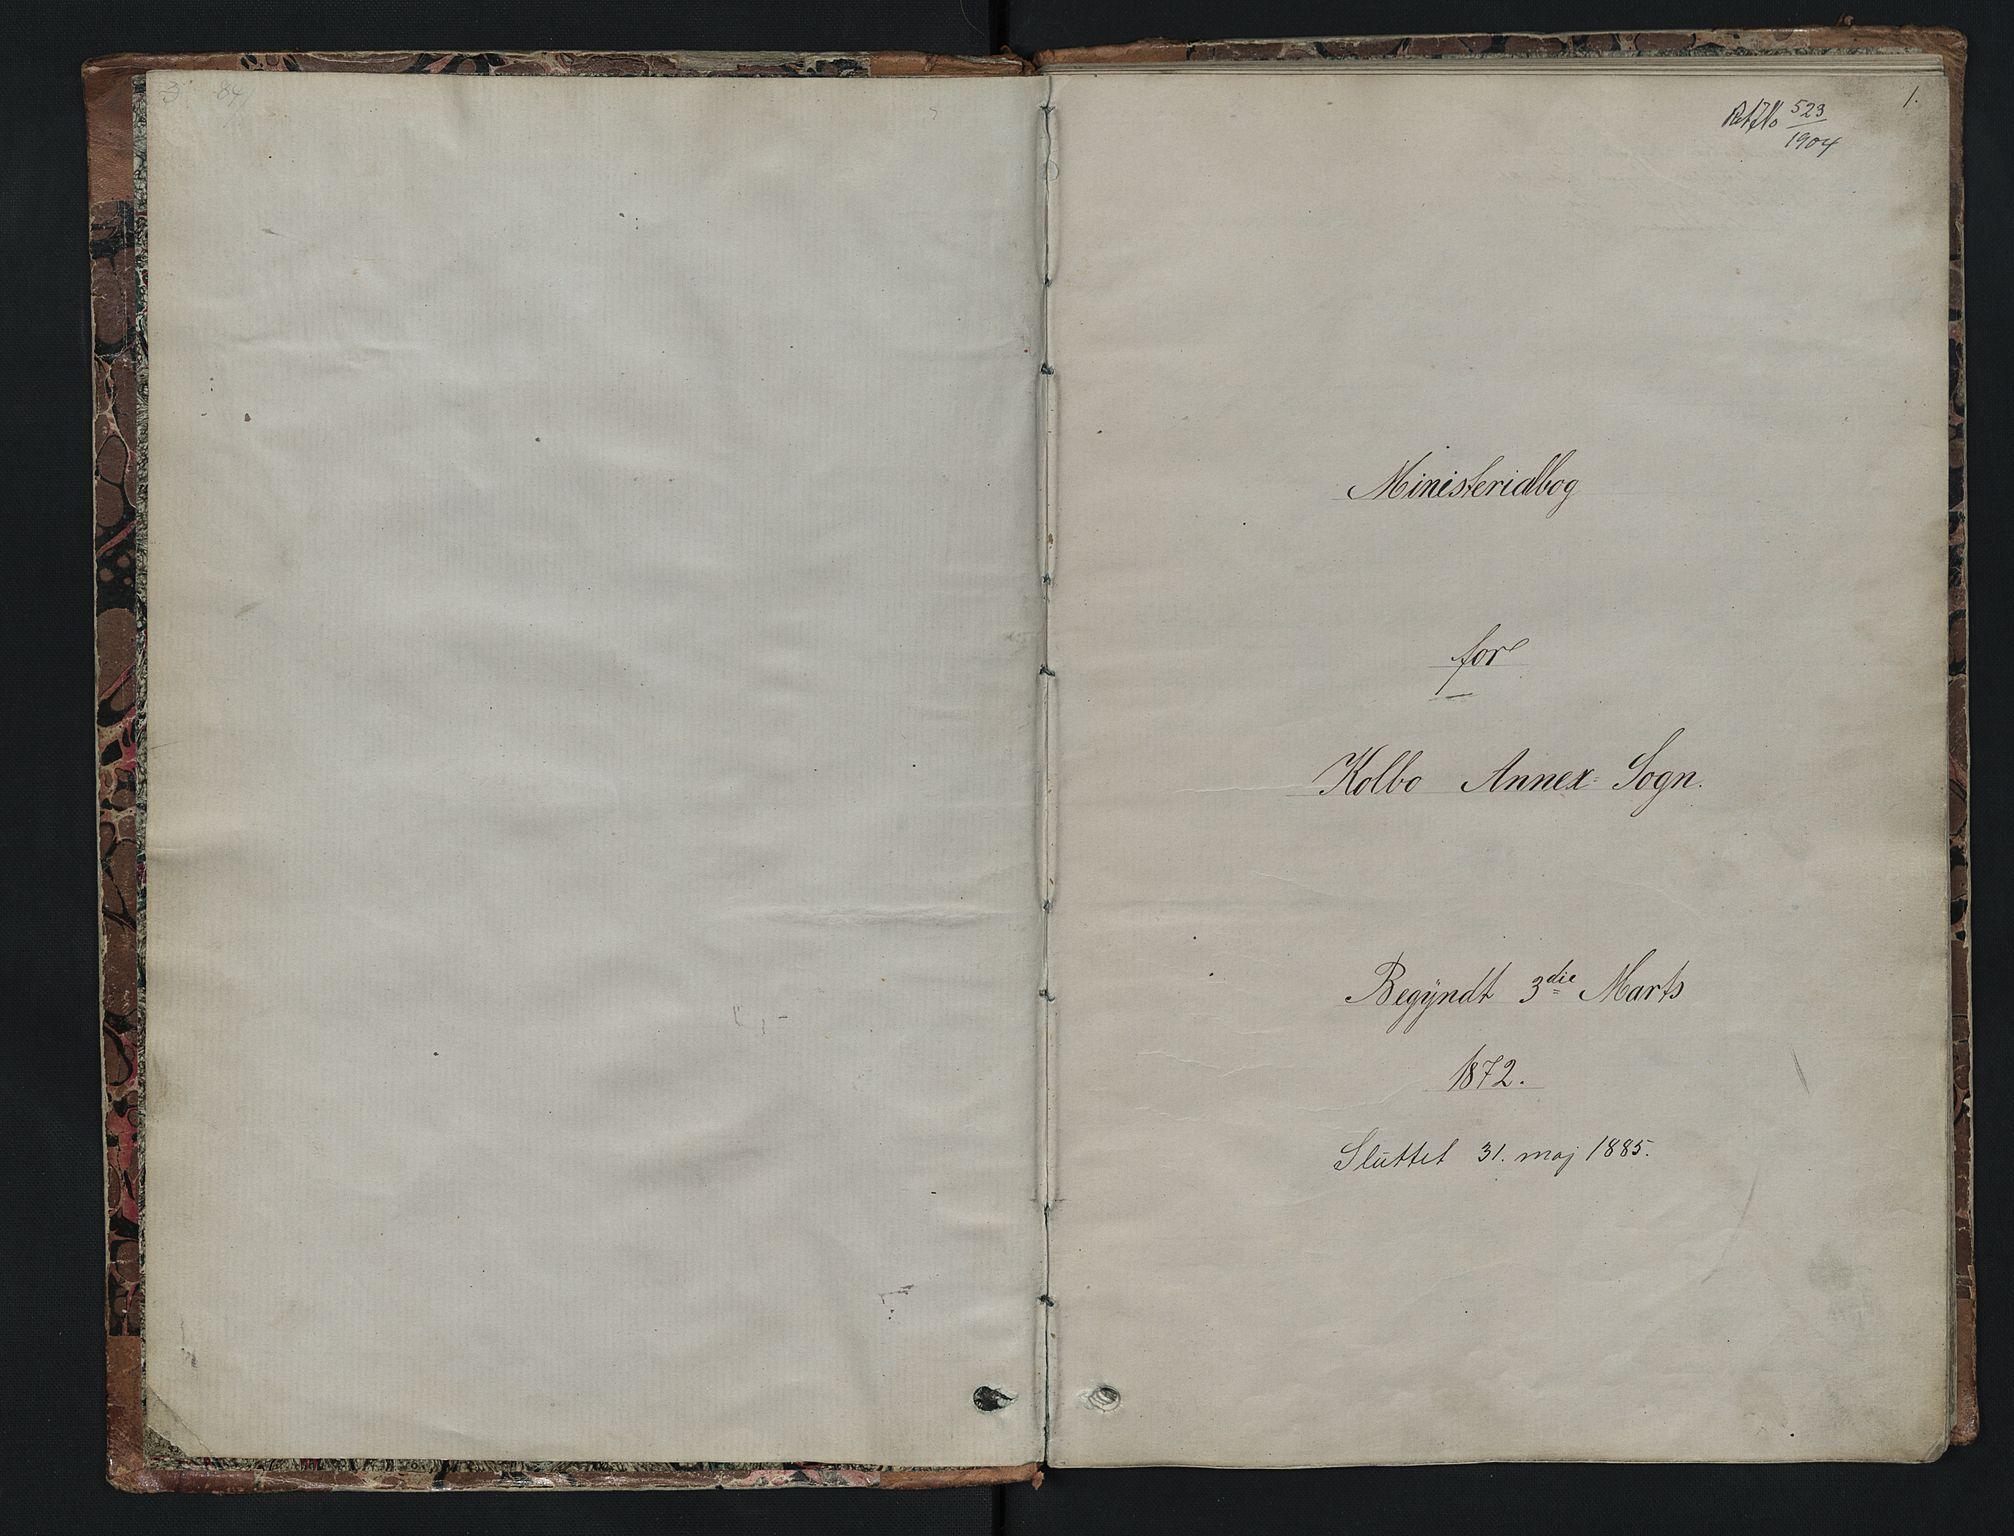 SAH, Vestre Toten prestekontor, Klokkerbok nr. 7, 1872-1900, s. 0-1